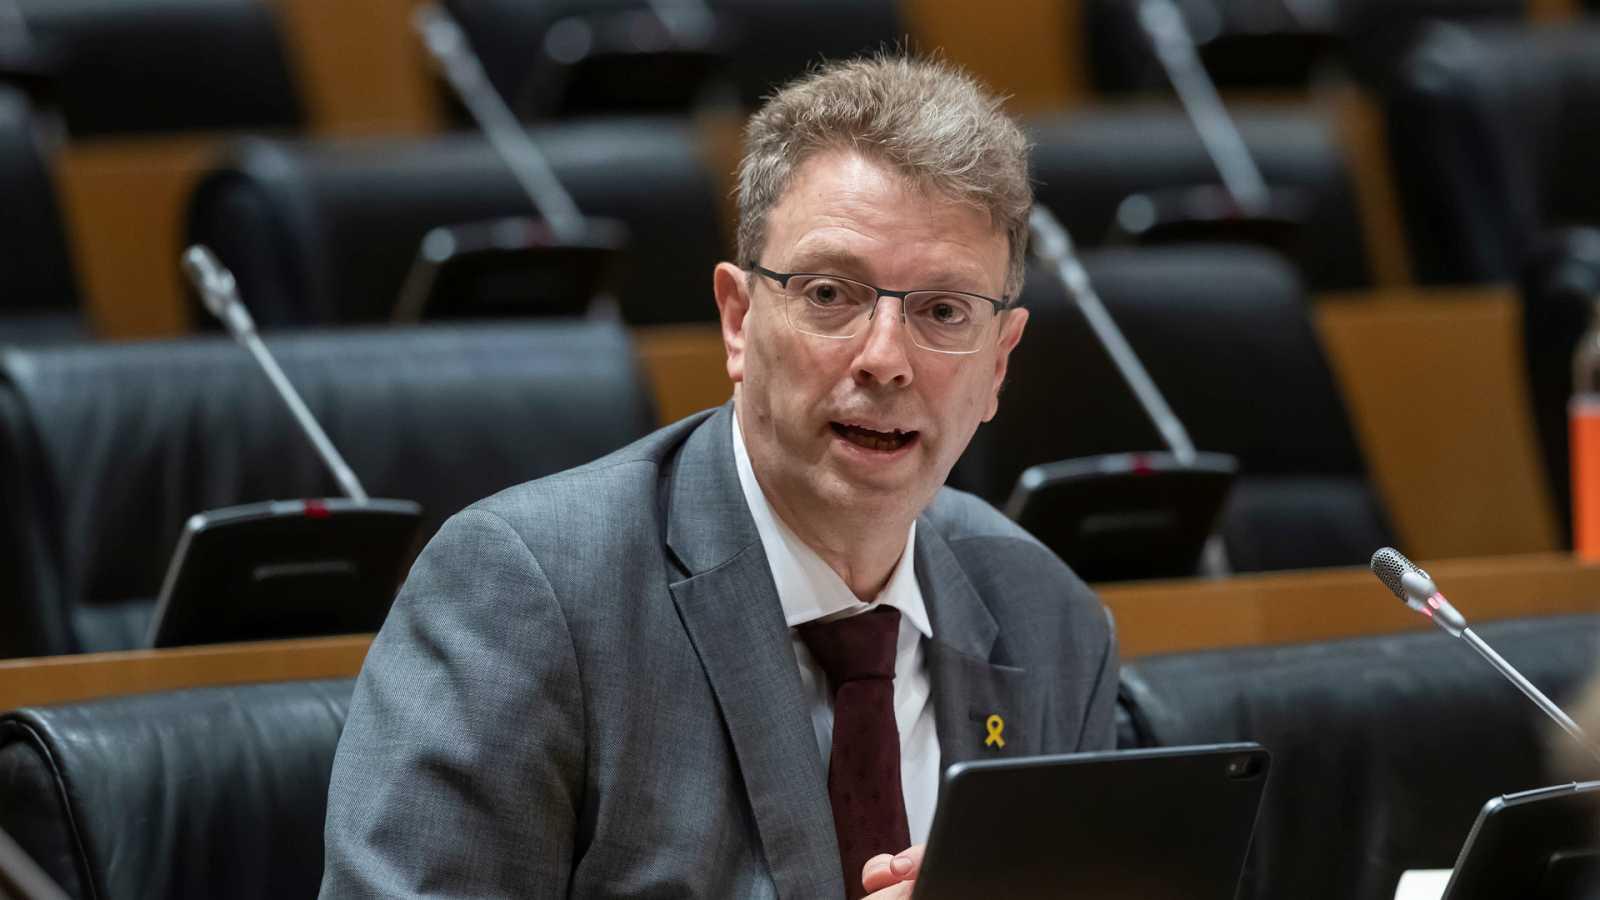 """Parlamento - Radio 5 - Bel no descarta el apoyo del PDeCAT a la propuesta del Gobierno sobre los peajes: """"Lo vemos complejo, pero queremos escuchar su propuesta"""" - Escuchar ahora"""